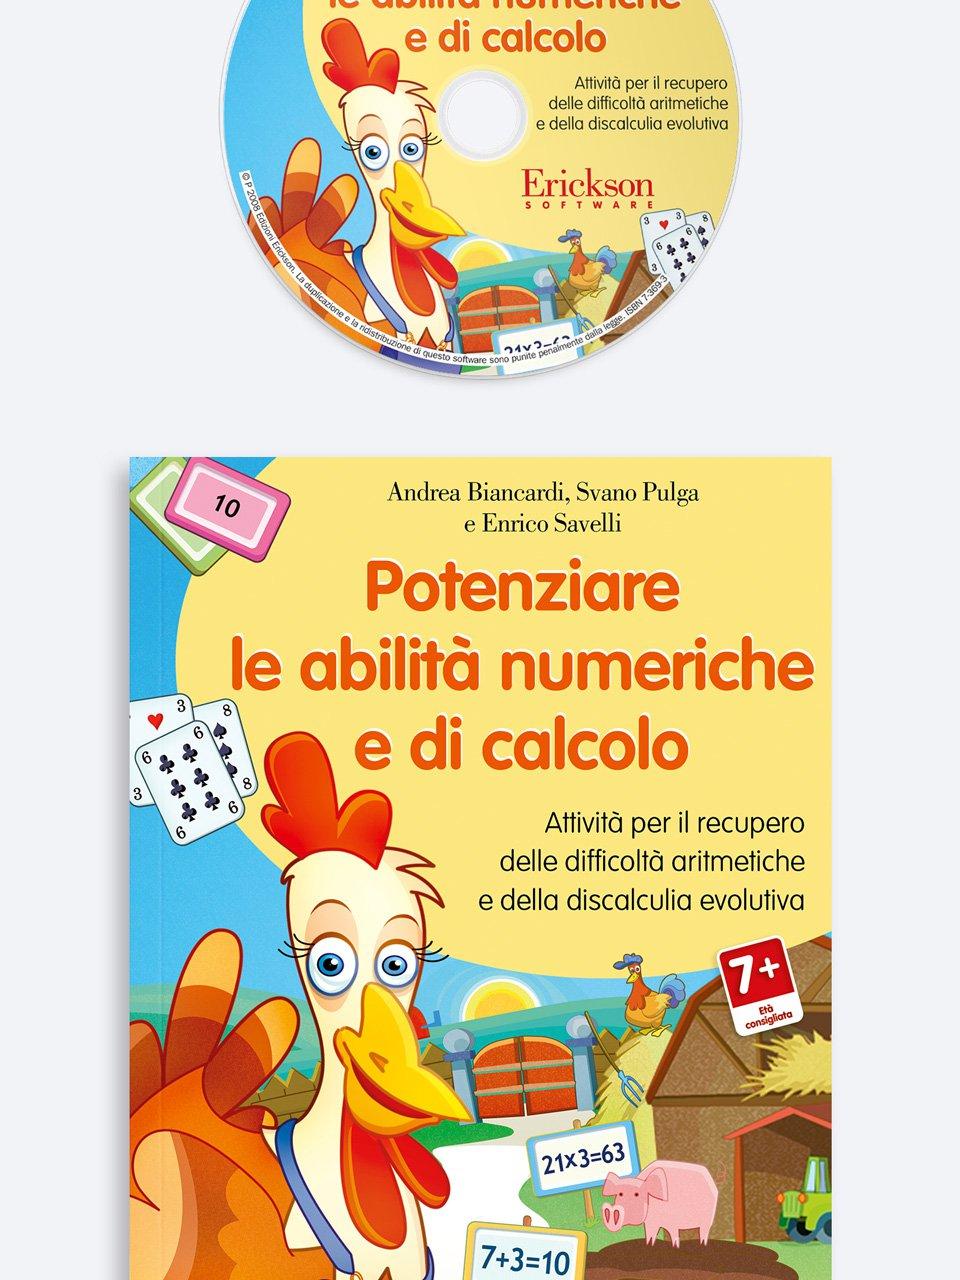 Potenziare le abilità numeriche e di calcolo - Test ABCA - Abilità di calcolo aritmetico - Libri - Erickson